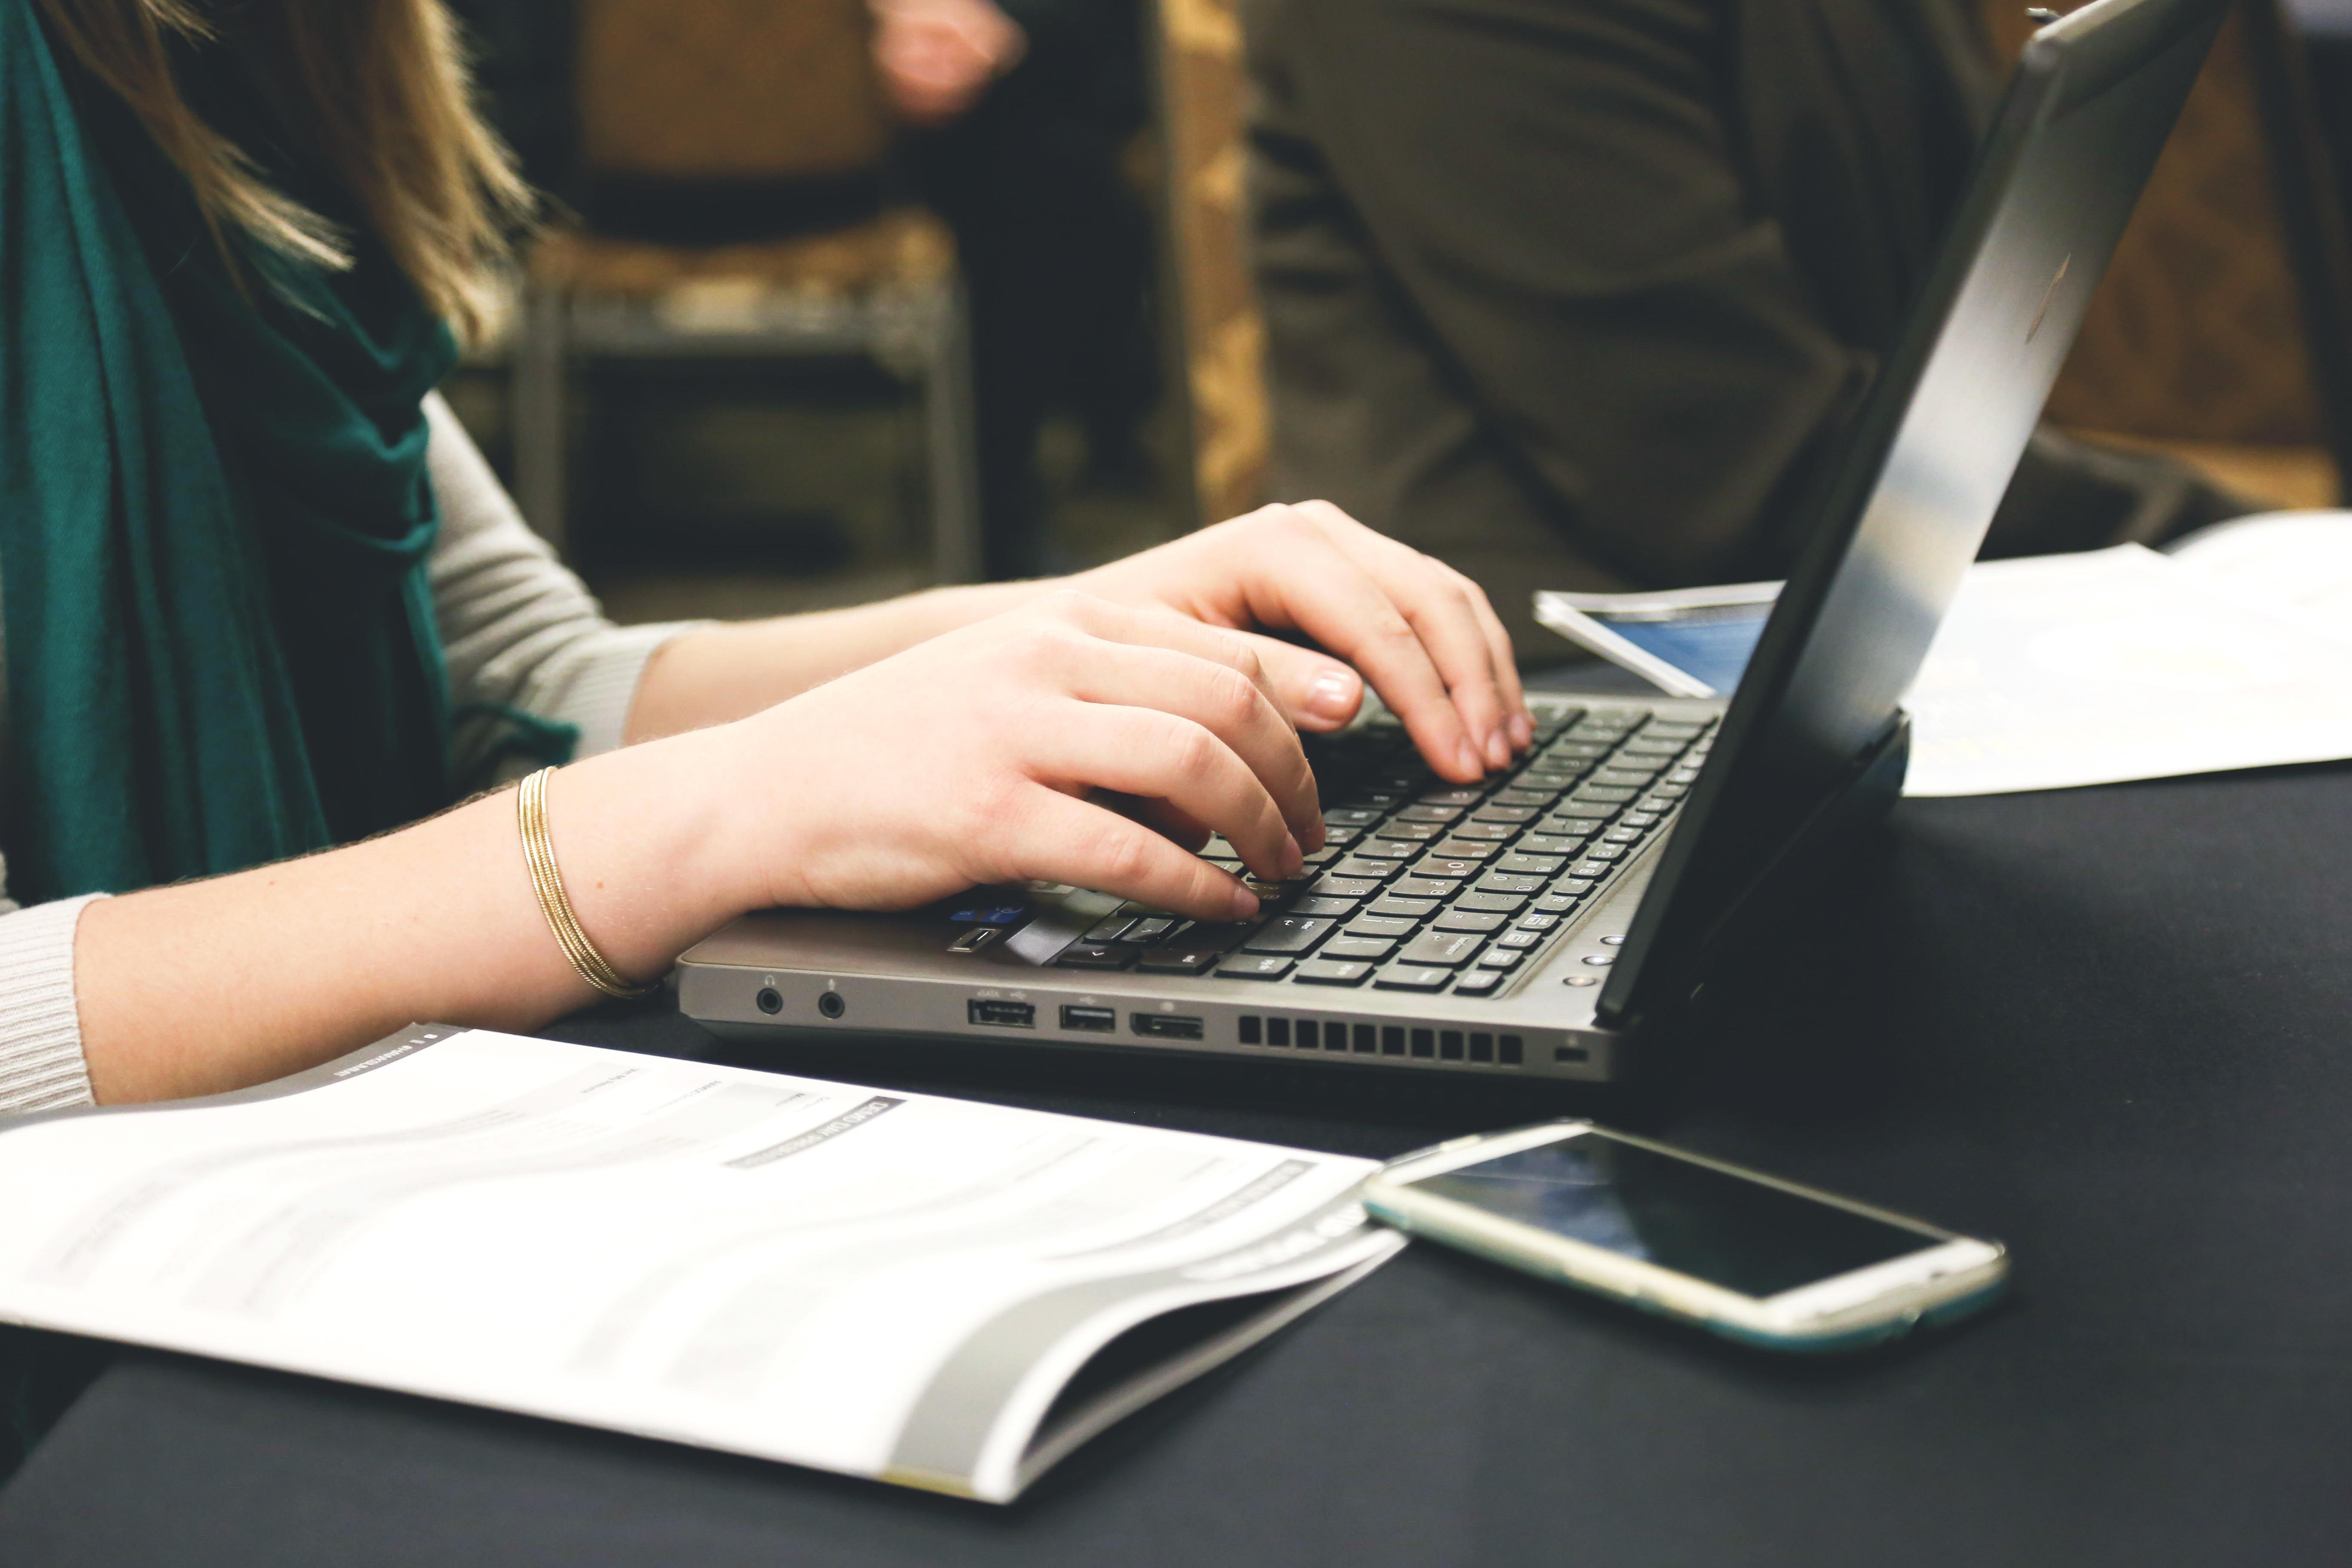 Segurança Pública, Tecnologia em Segurança Pública: saiba como o curso prepara você para o mercado de trabalho